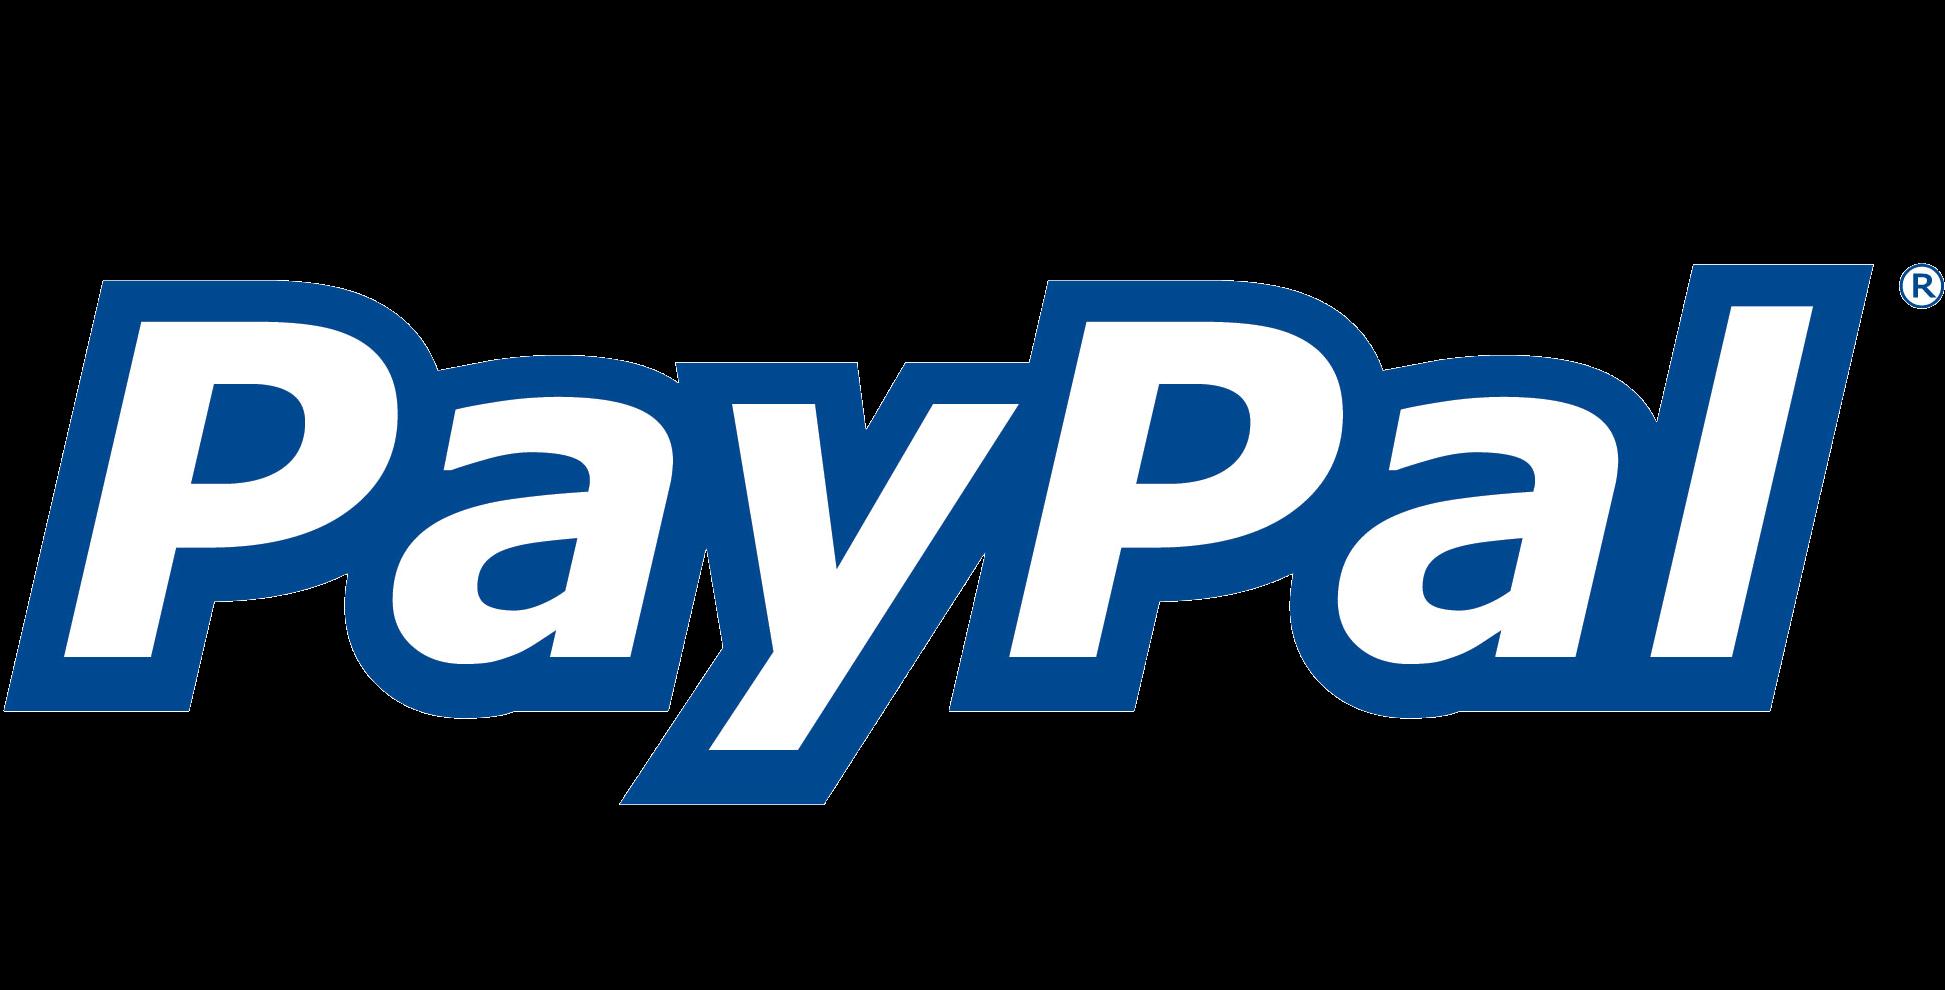 卖家注意!Paypal又有新政策,固定费用上涨